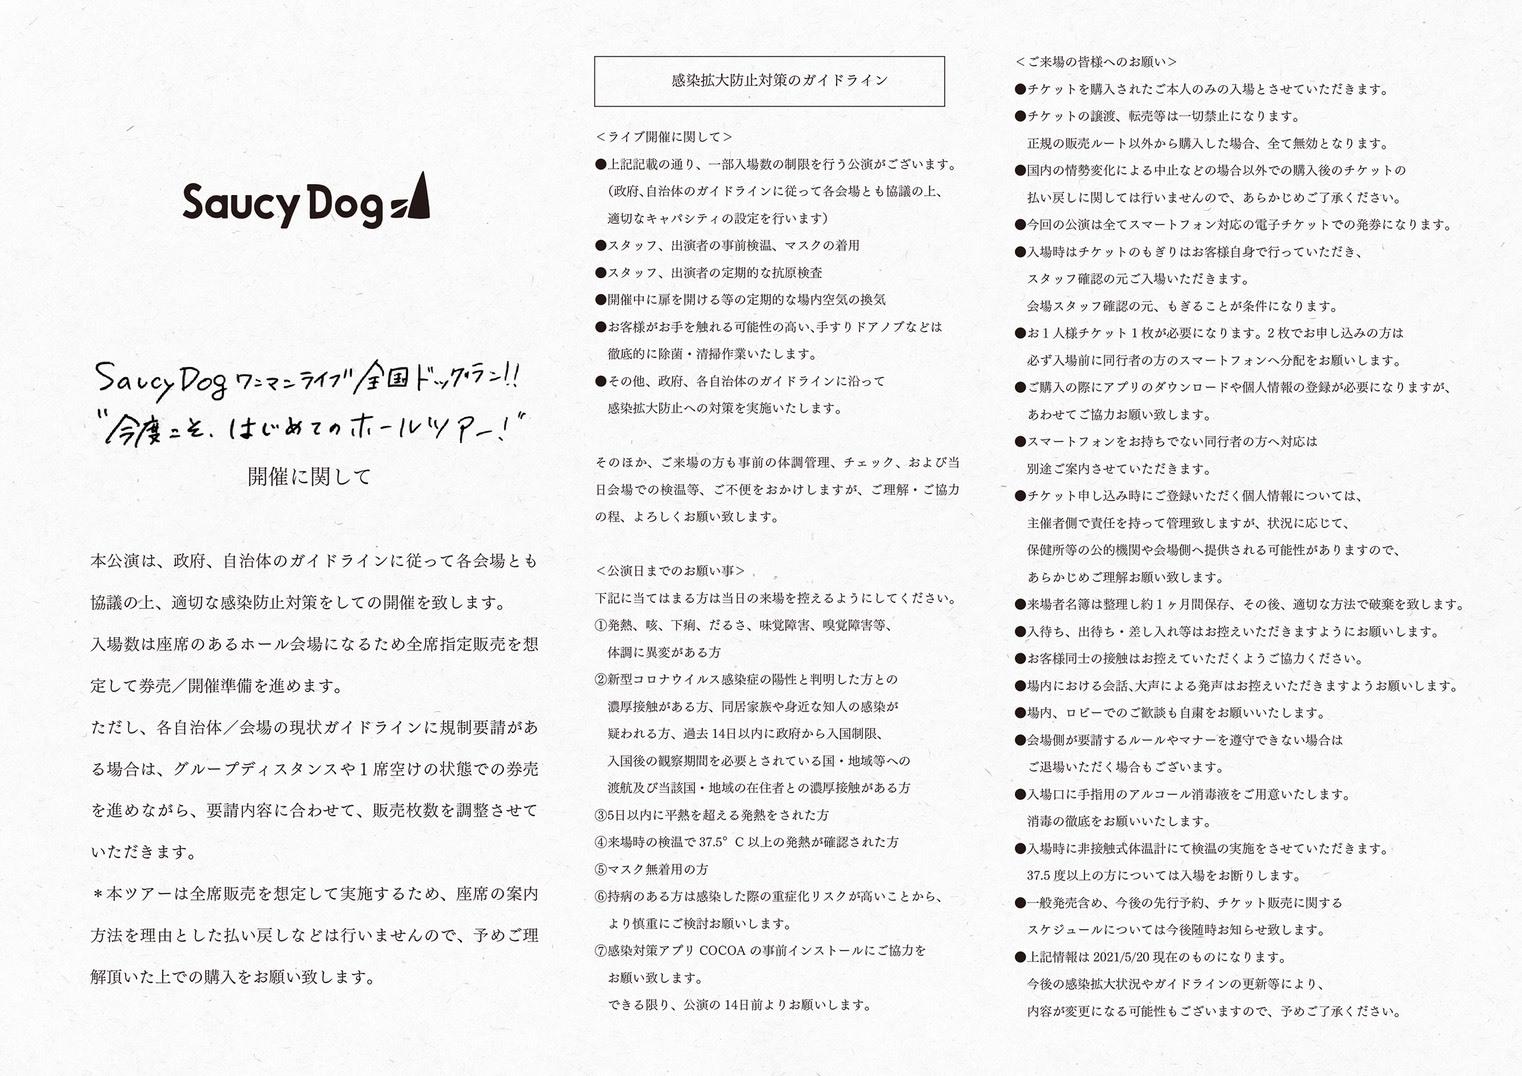 """Saucy Dog ワンマンライブ 全国ドックラン!!""""今度こそ、はじめてのホールツアー!"""""""